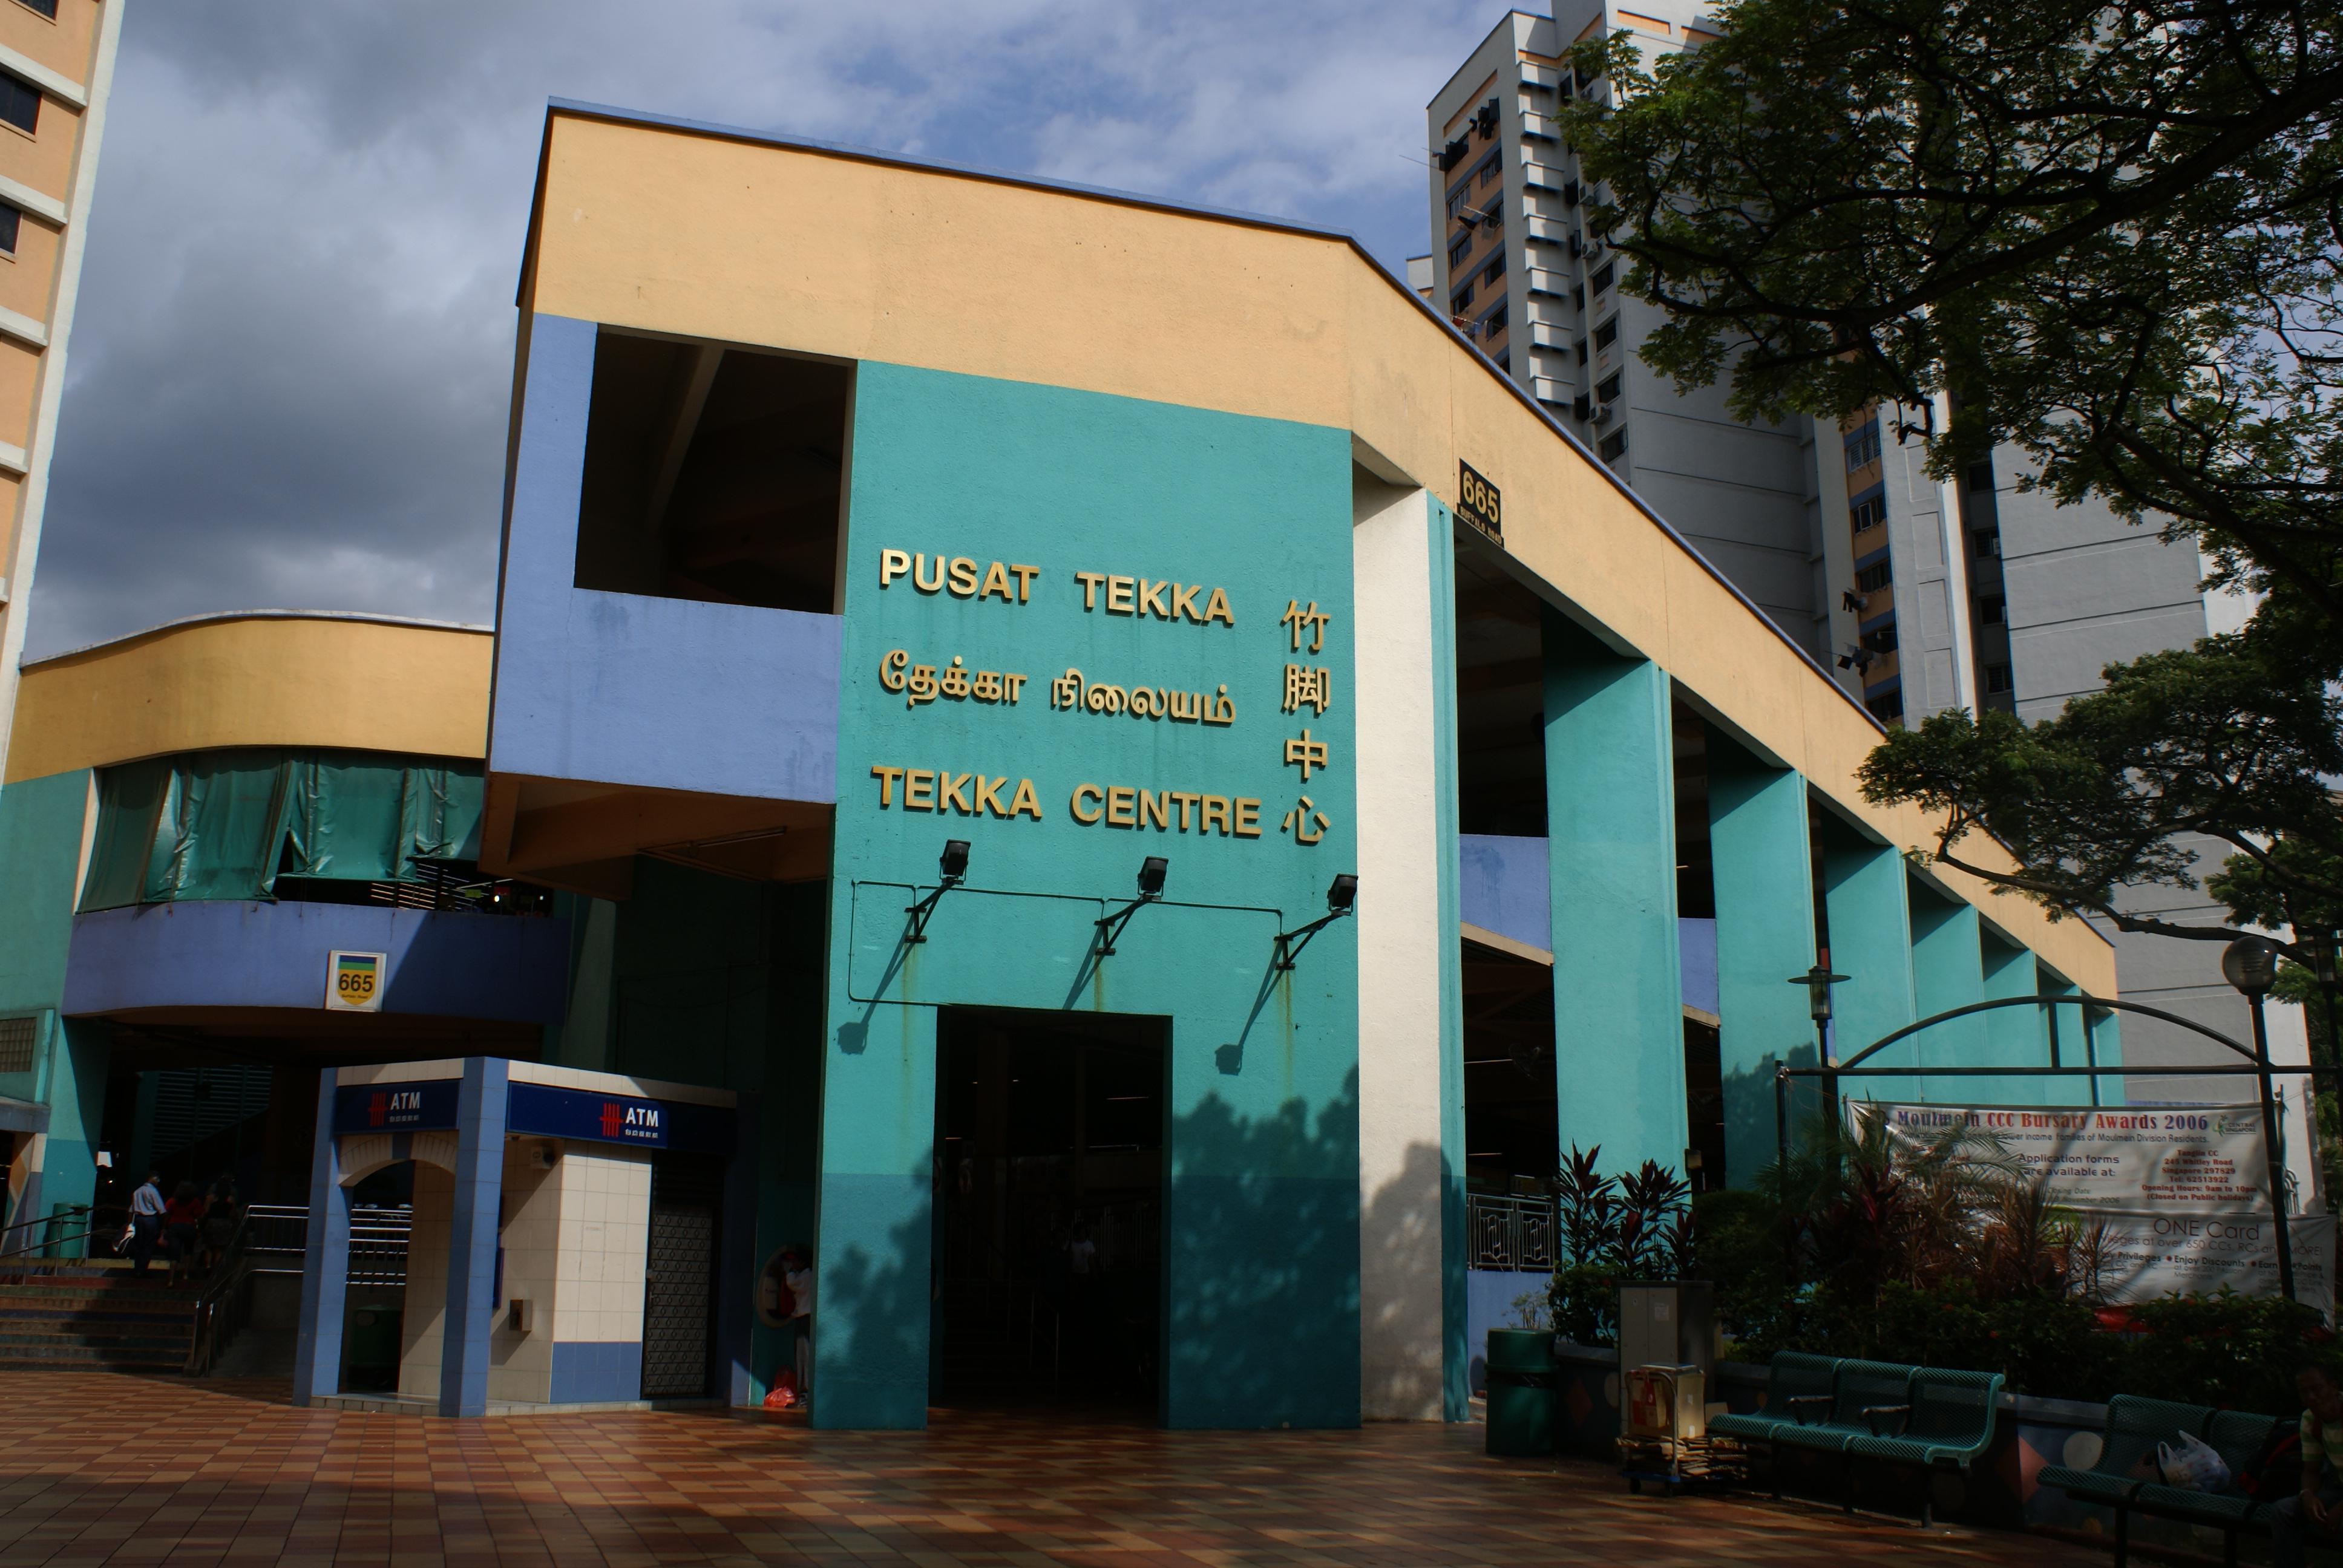 Tekka Centre, Singapore - 20070108.jpg